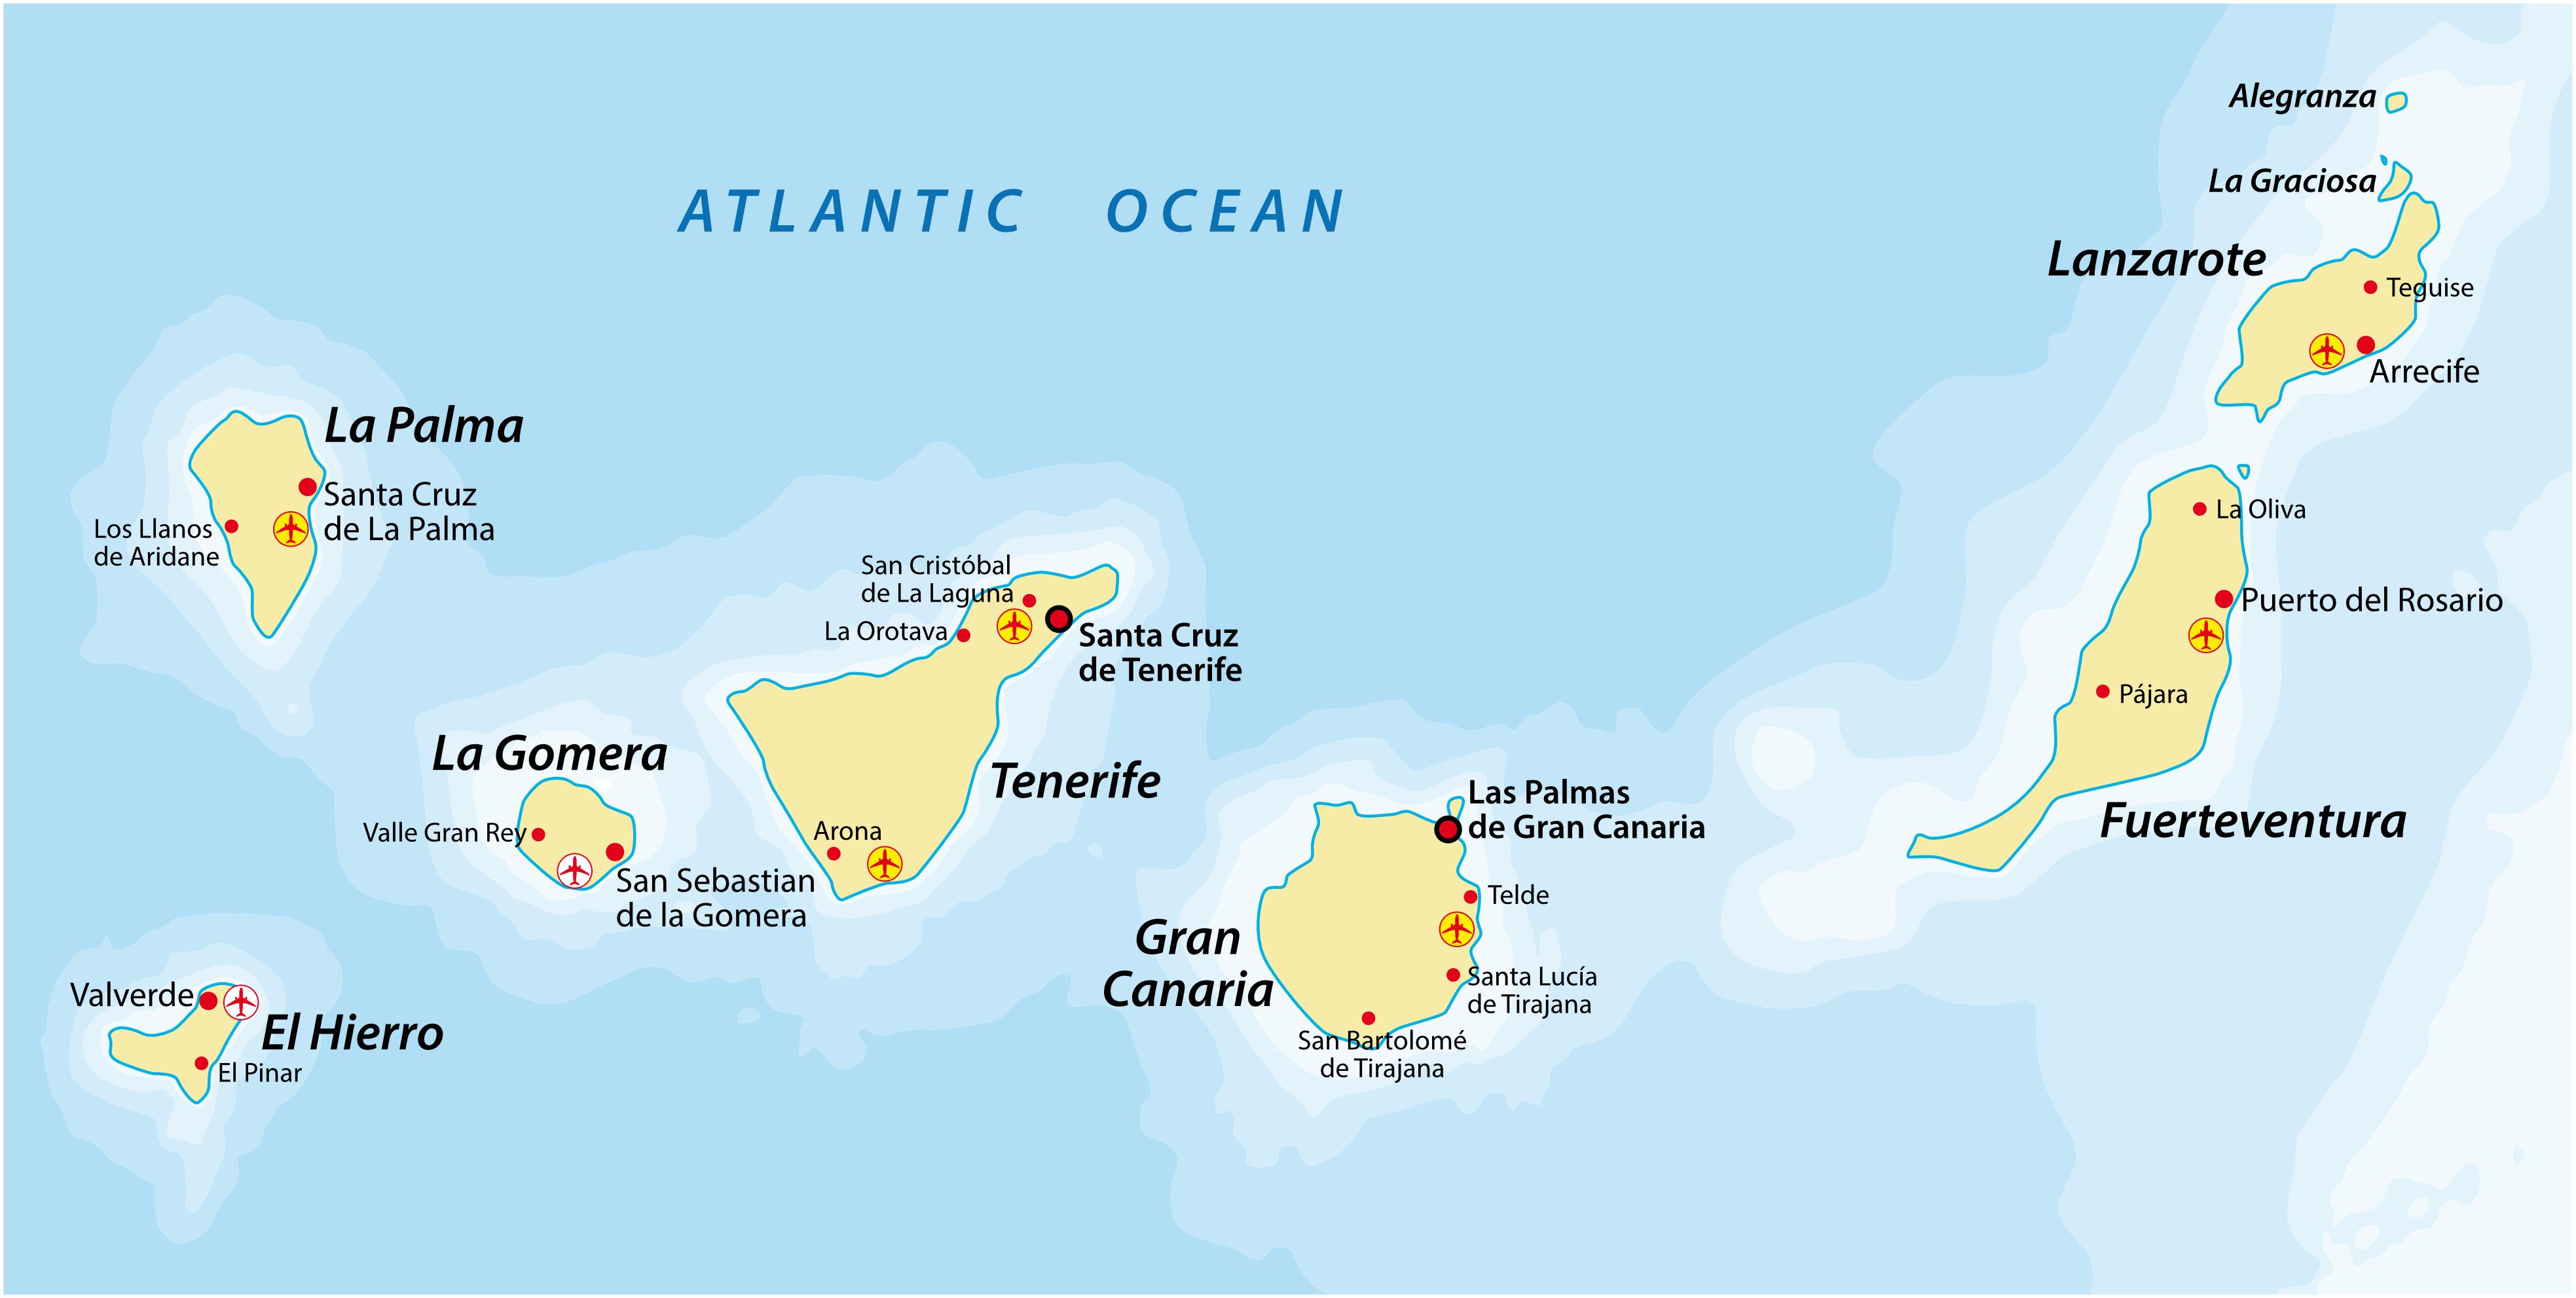 Landkarte Kanaren